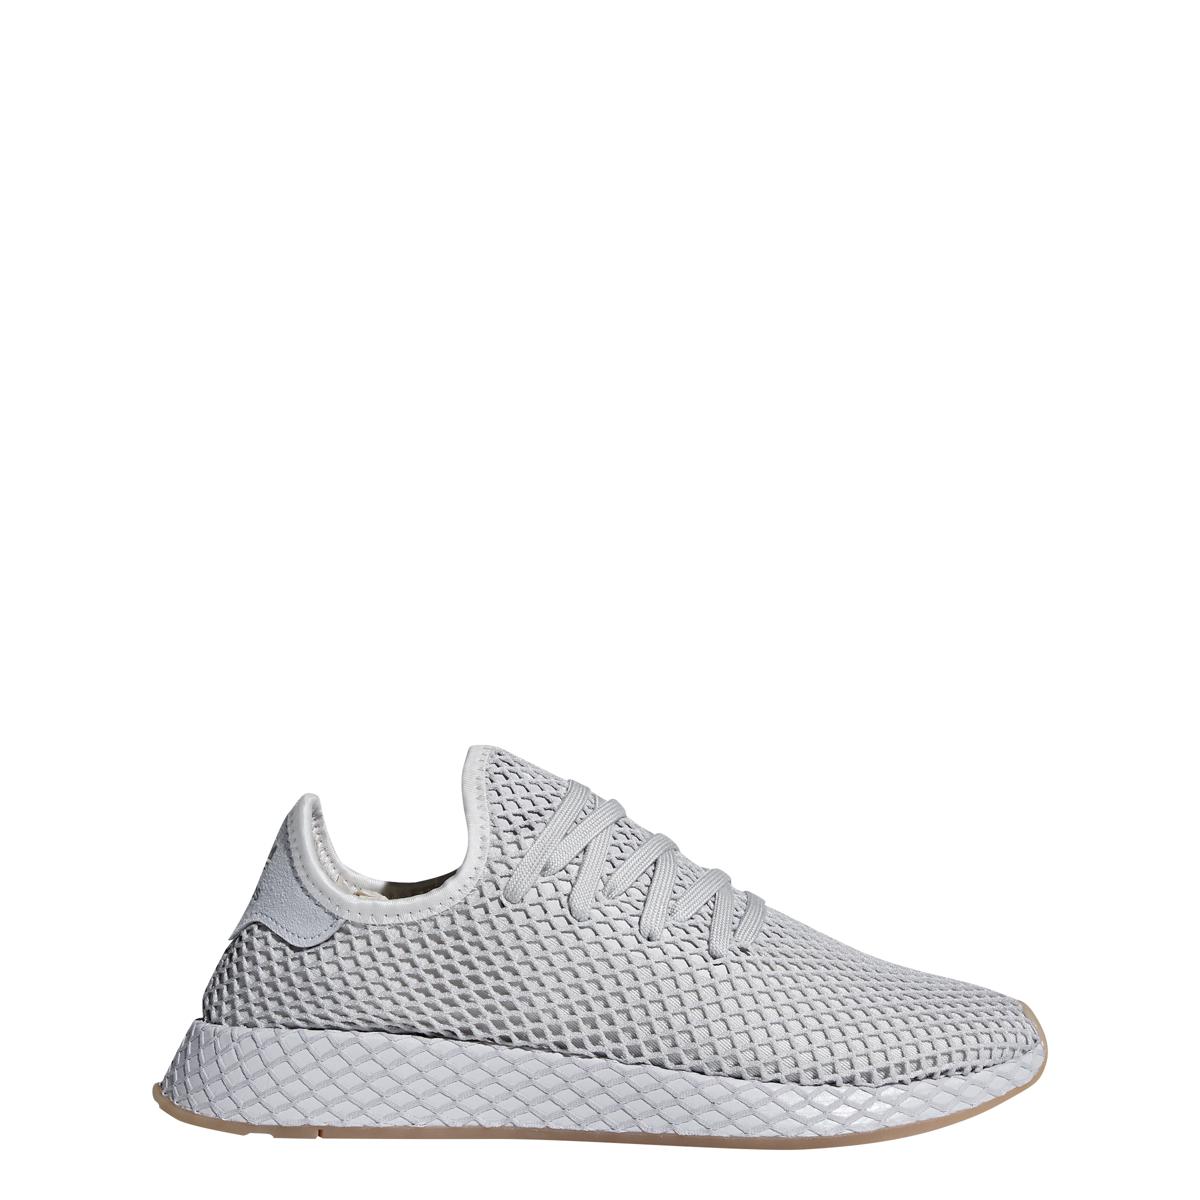 Adidas Deerupt in Light Grey/Gum — MAJOR